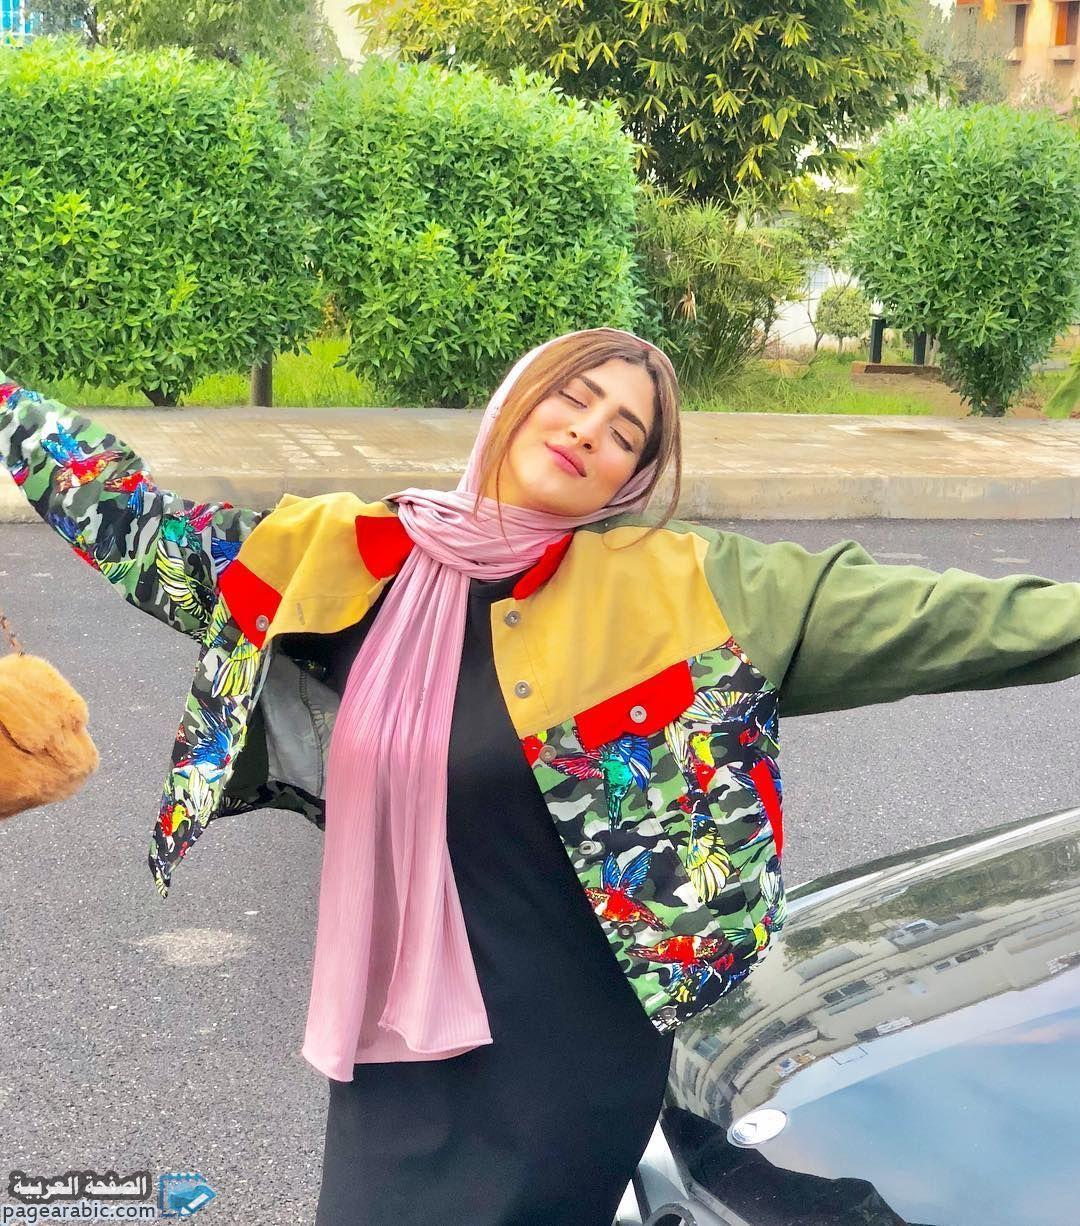 صور أمينة كرم 2020 انستقرام 2021 ويكيبيديا الصفحة العربية Fashion Sari Saree